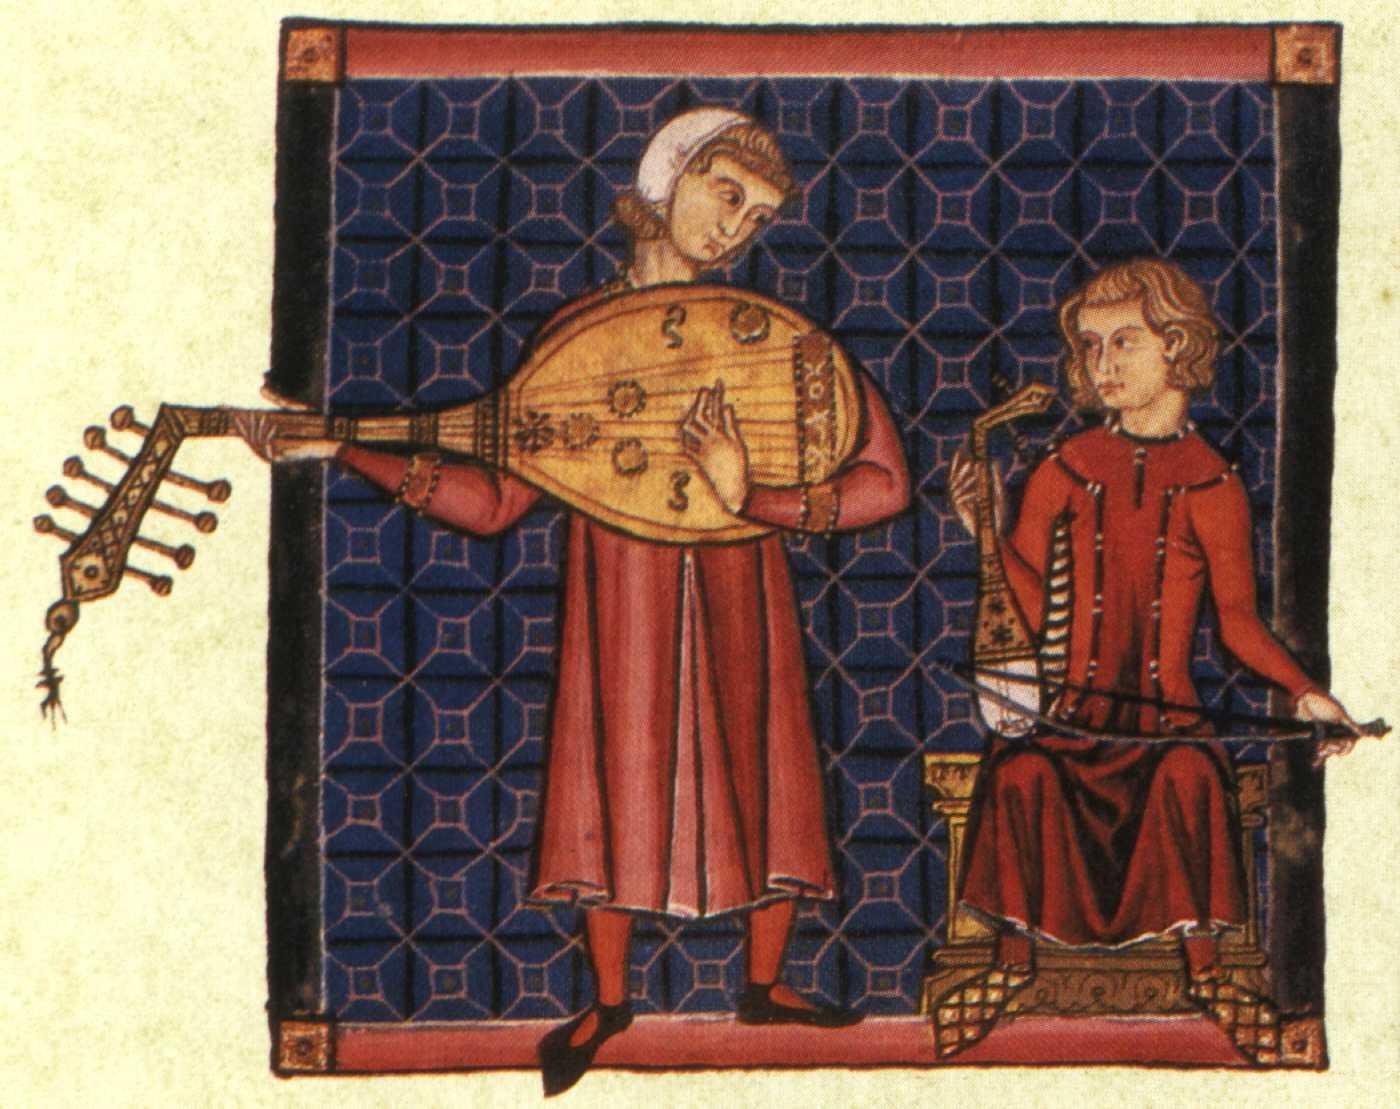 Cantigas de Santa Maria, E codex, El Escorial, Espagne, XIIIe siècle